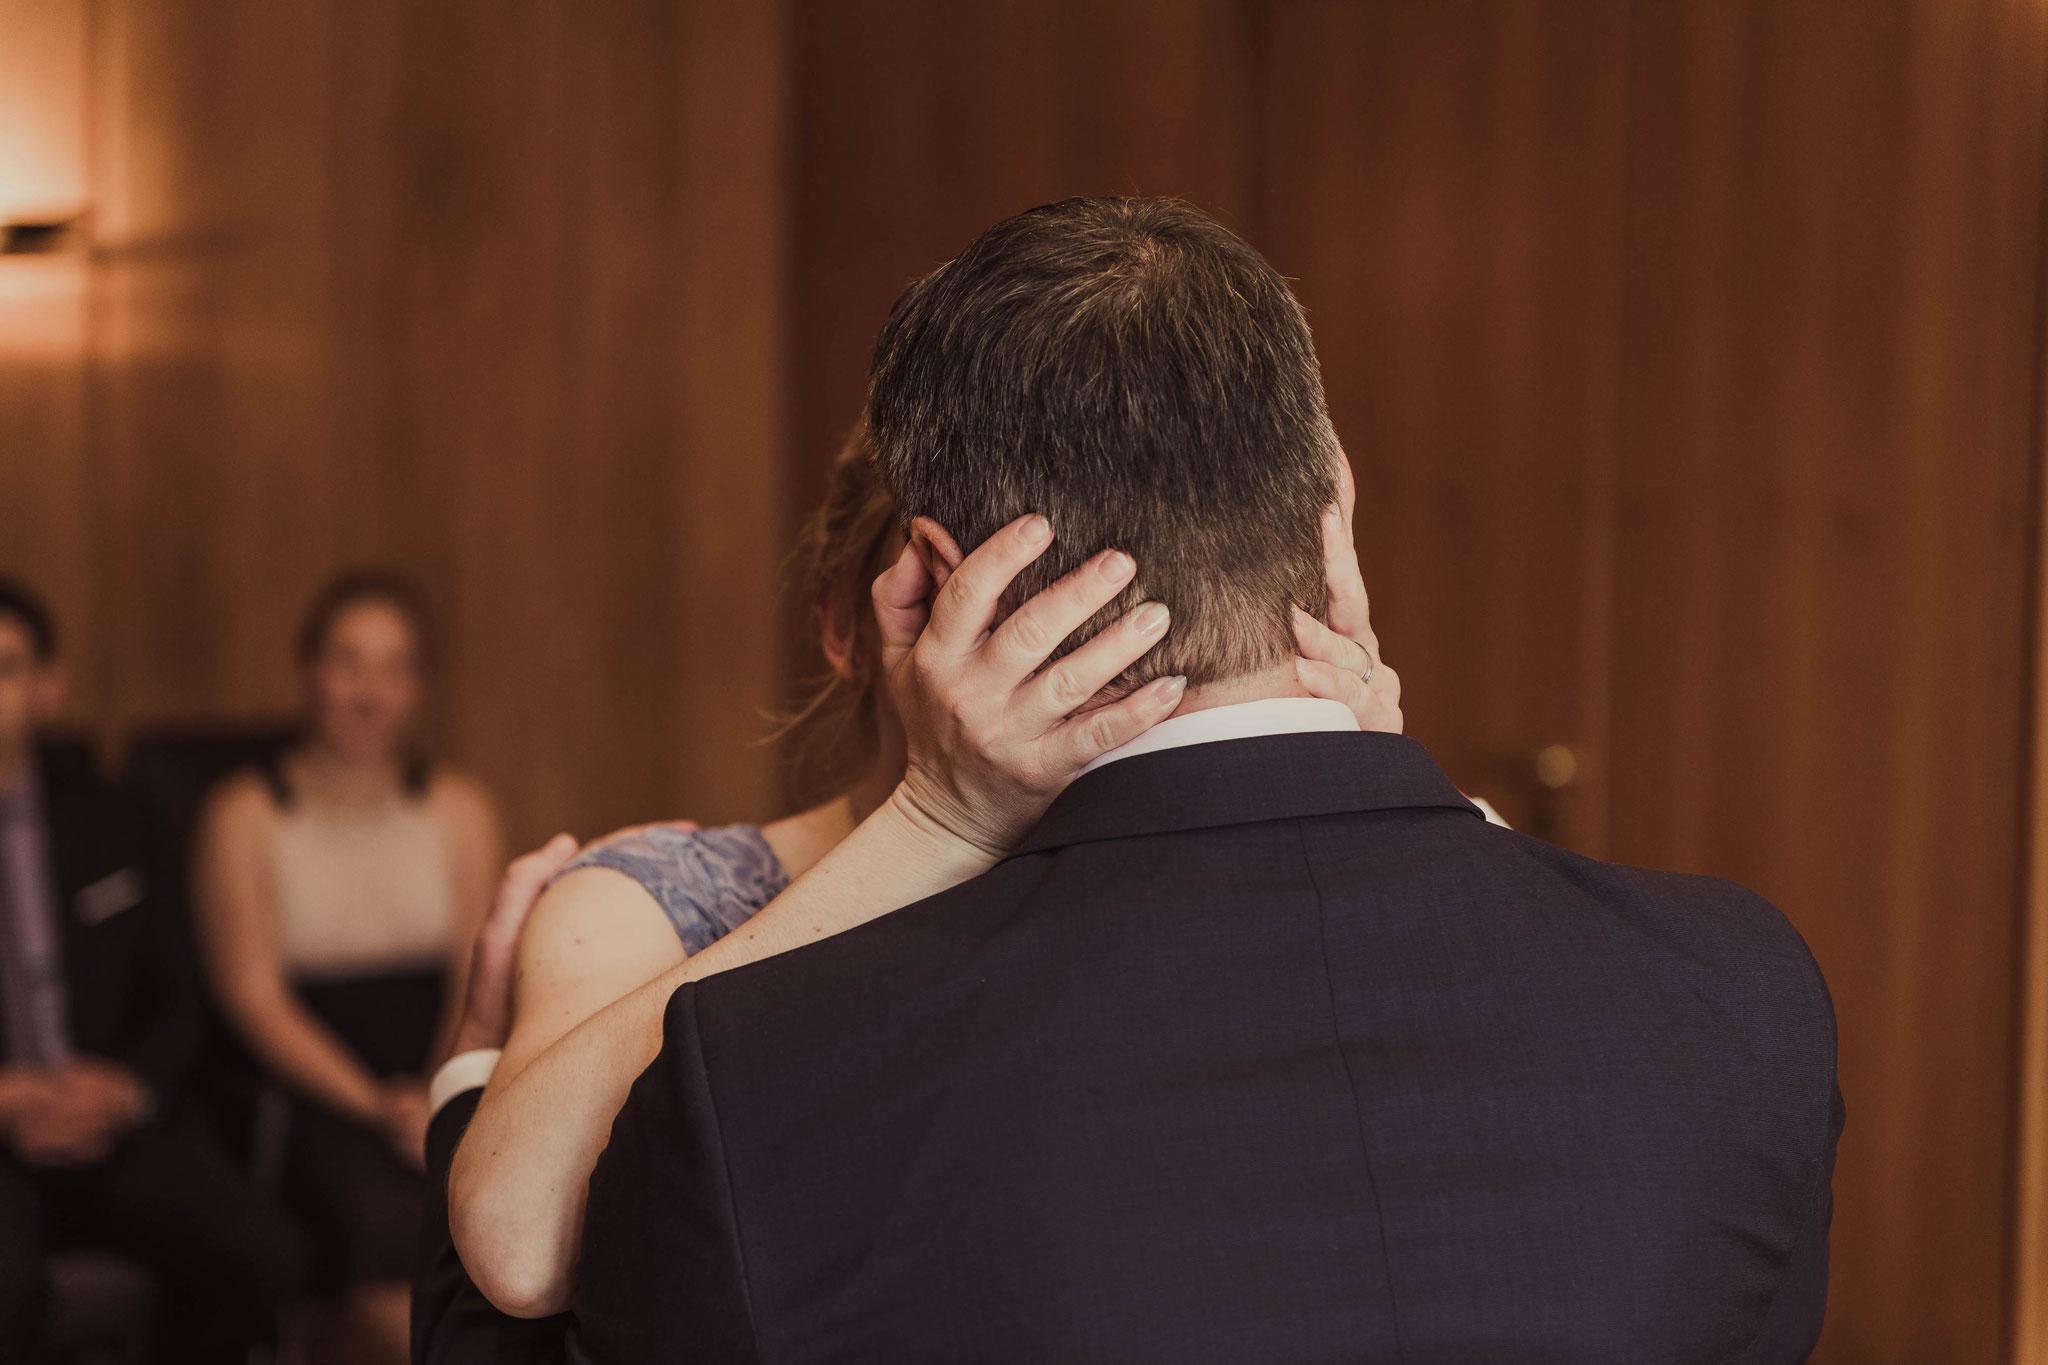 Die Braut küsst dem Bräutigam nach der Trauung